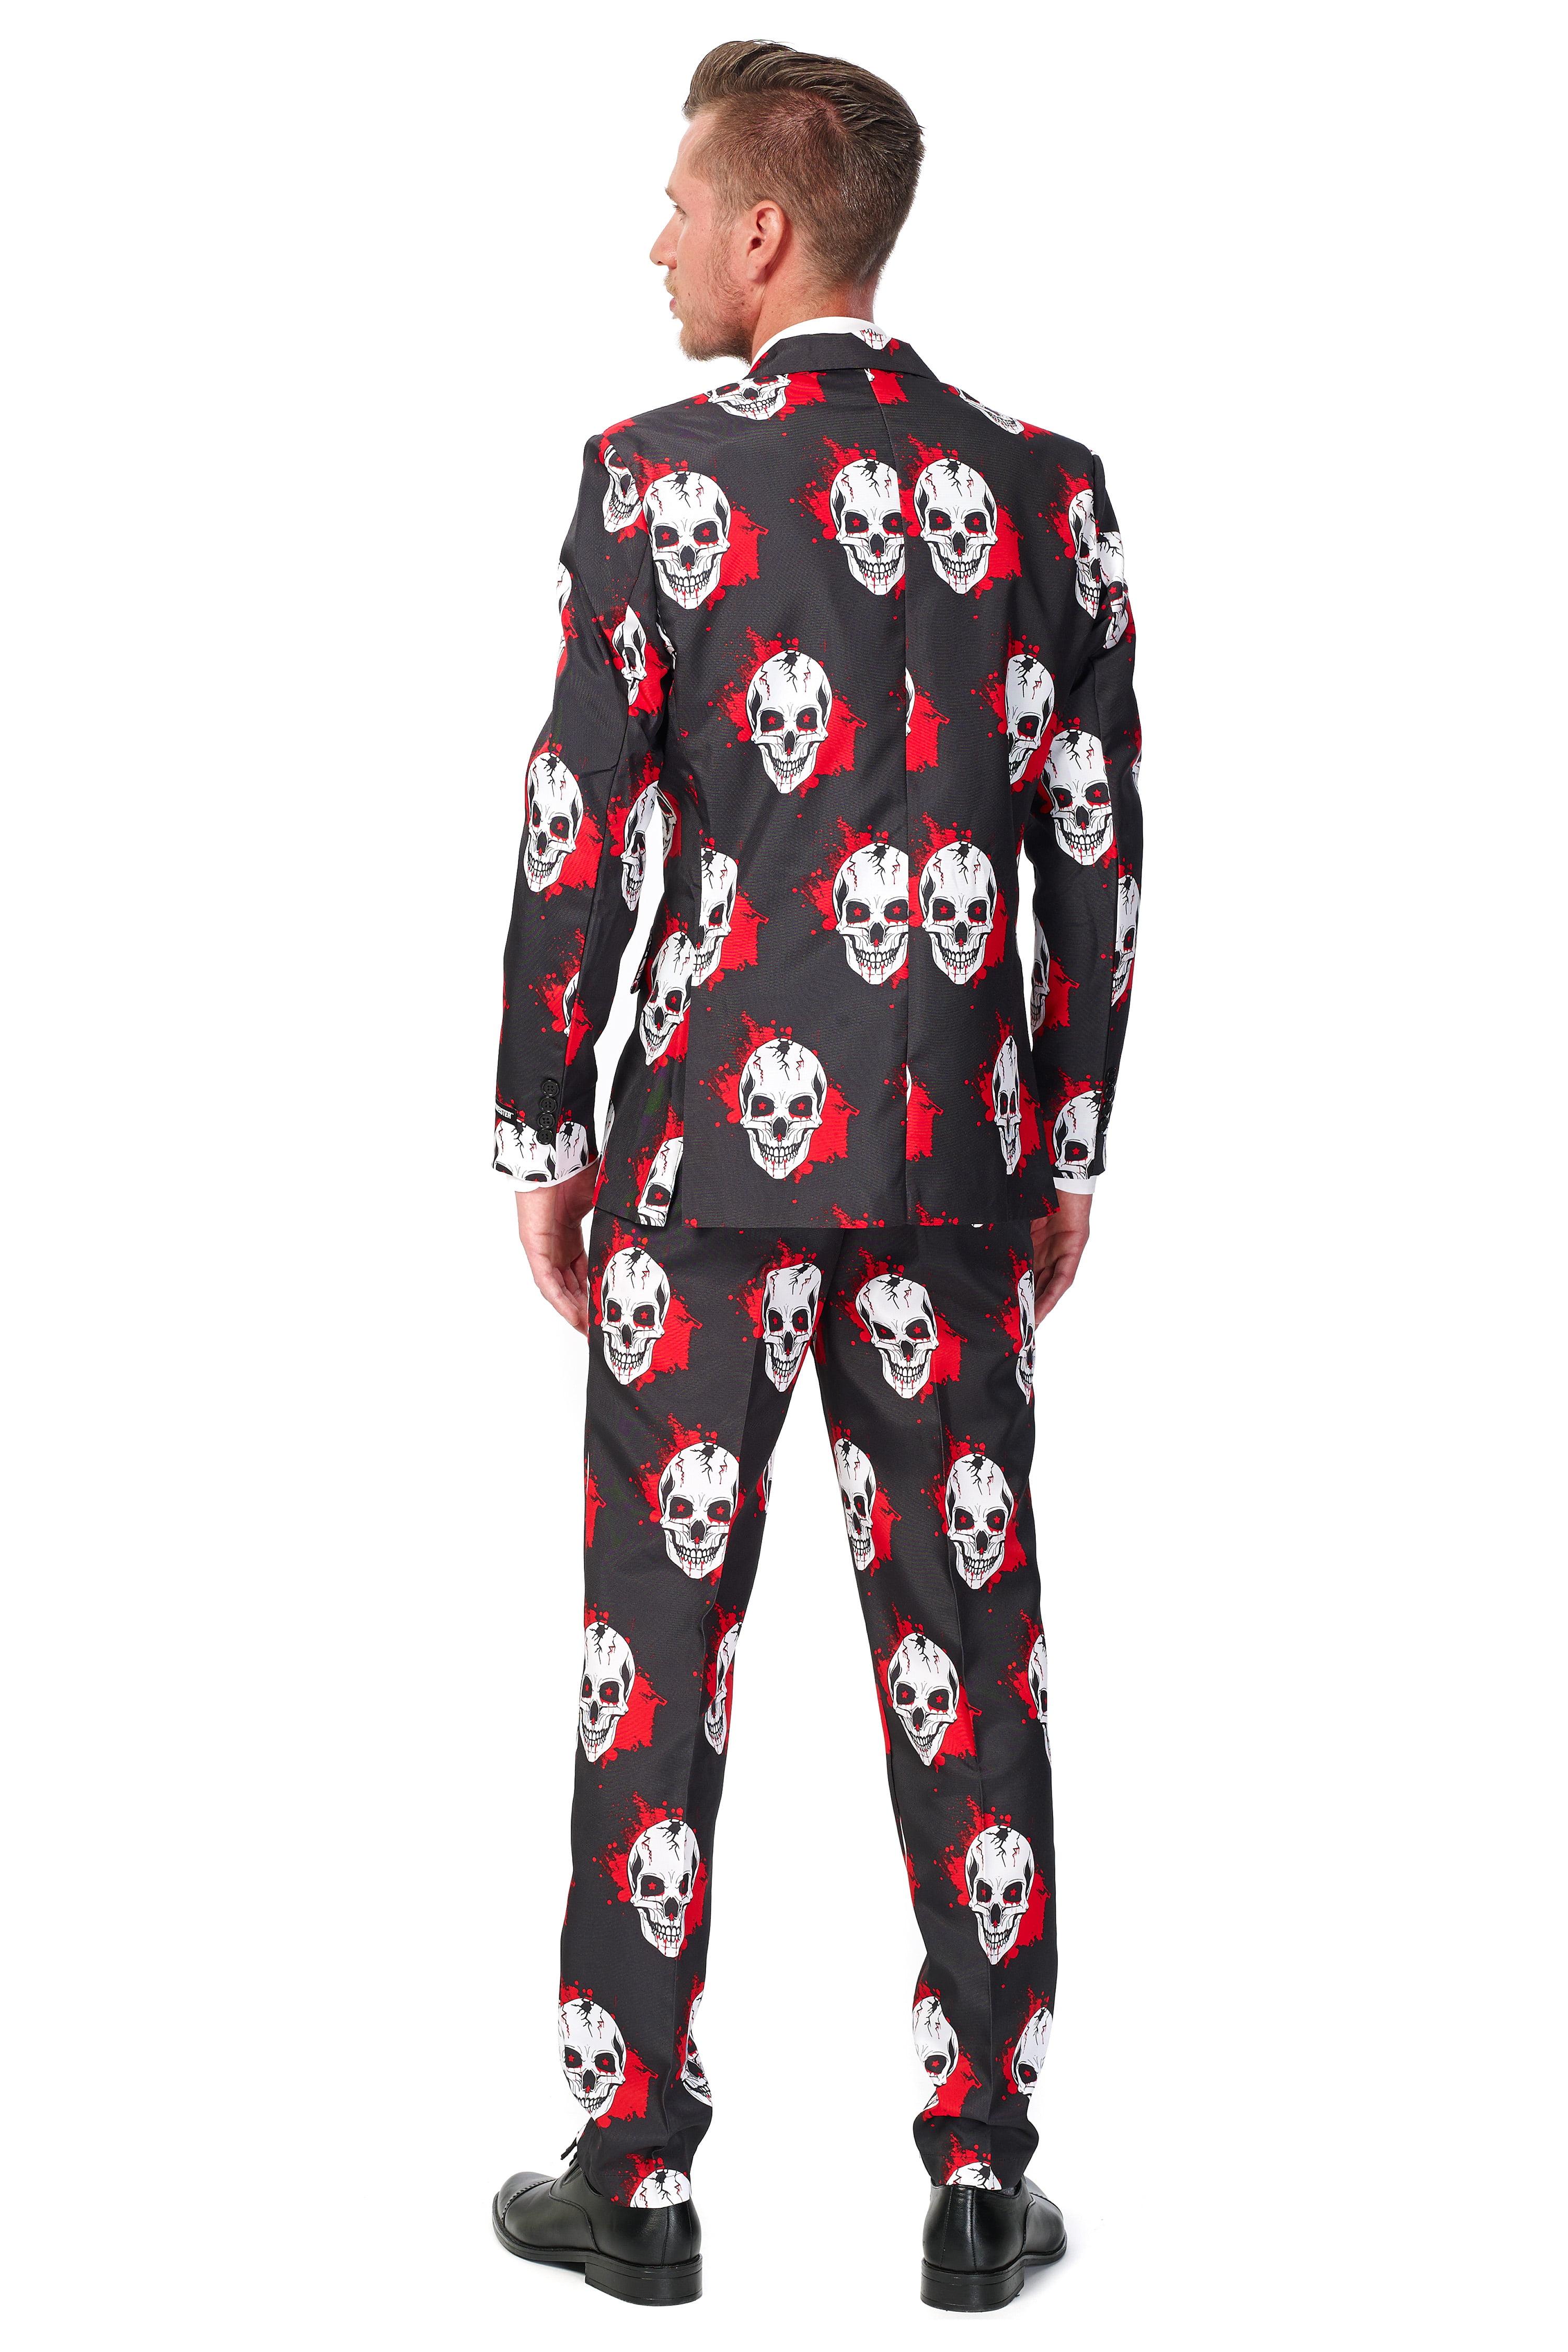 951310f82d9052 Opposuits - Suitmeister Men's Skull Blood Halloween Suit - Walmart.com